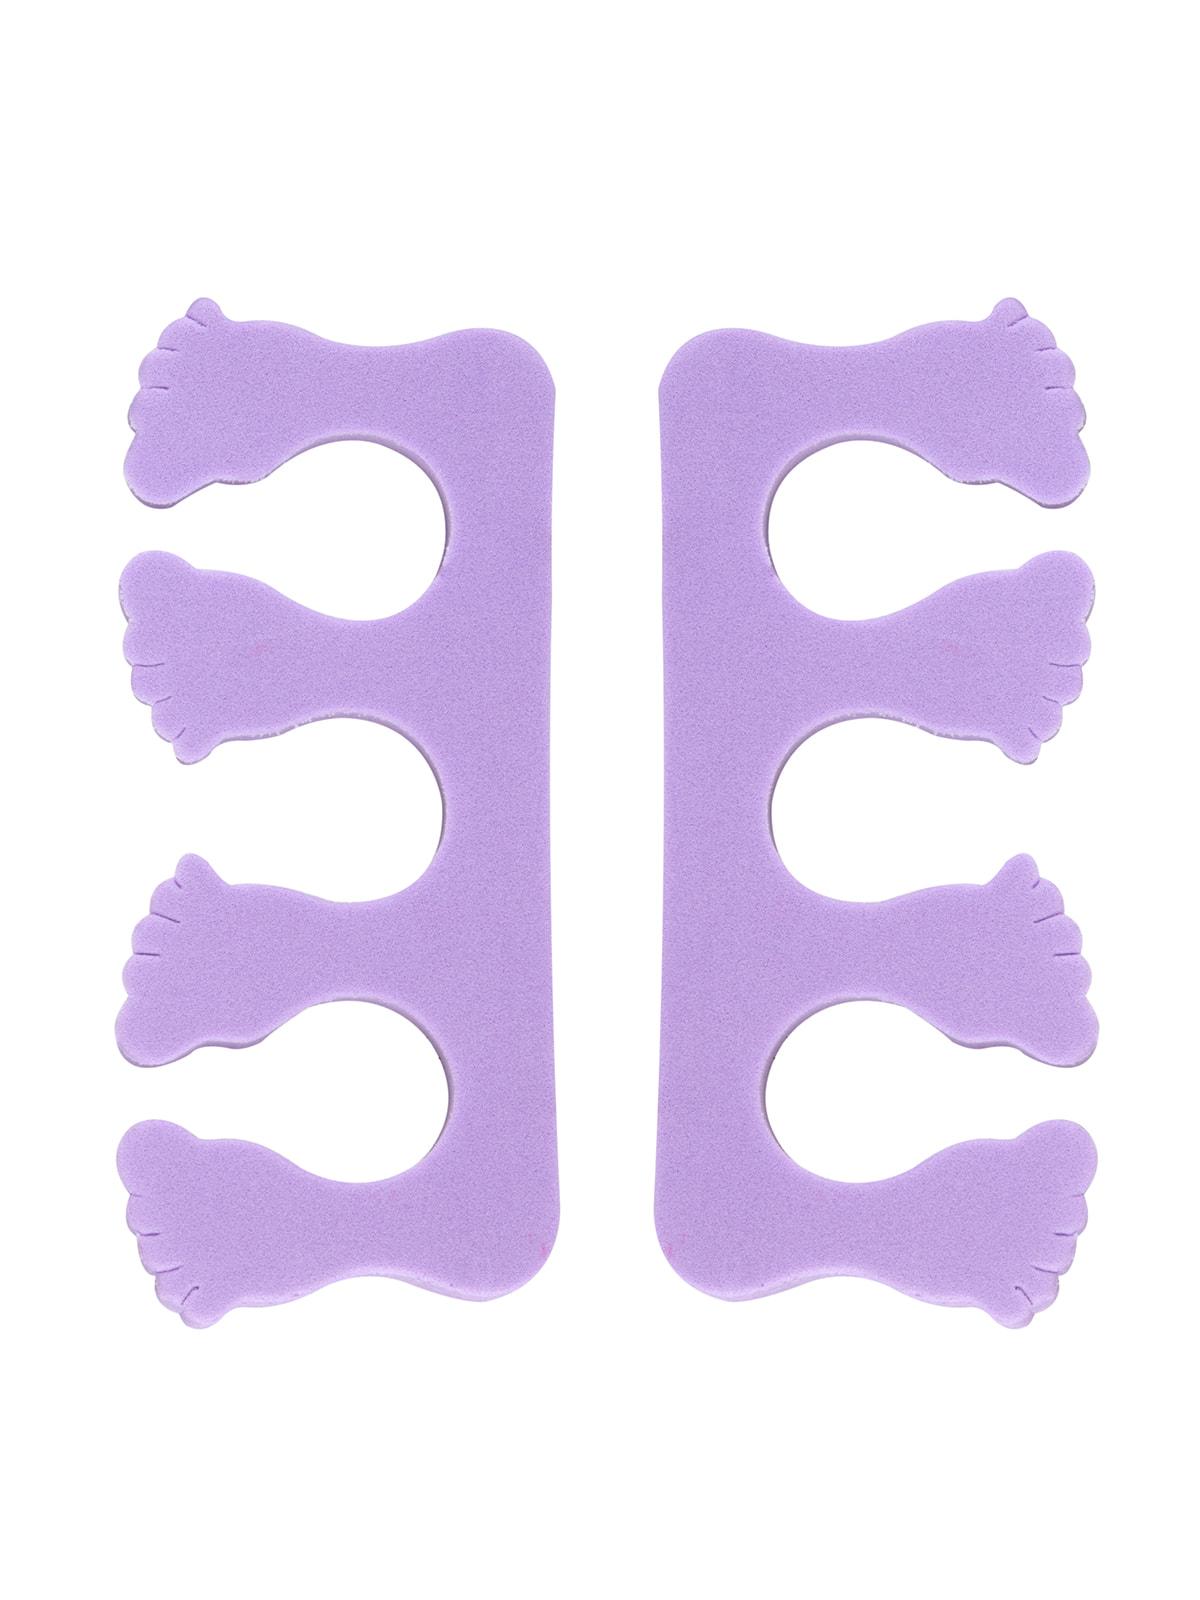 Разделители пальцев ног для педикюра   4127425